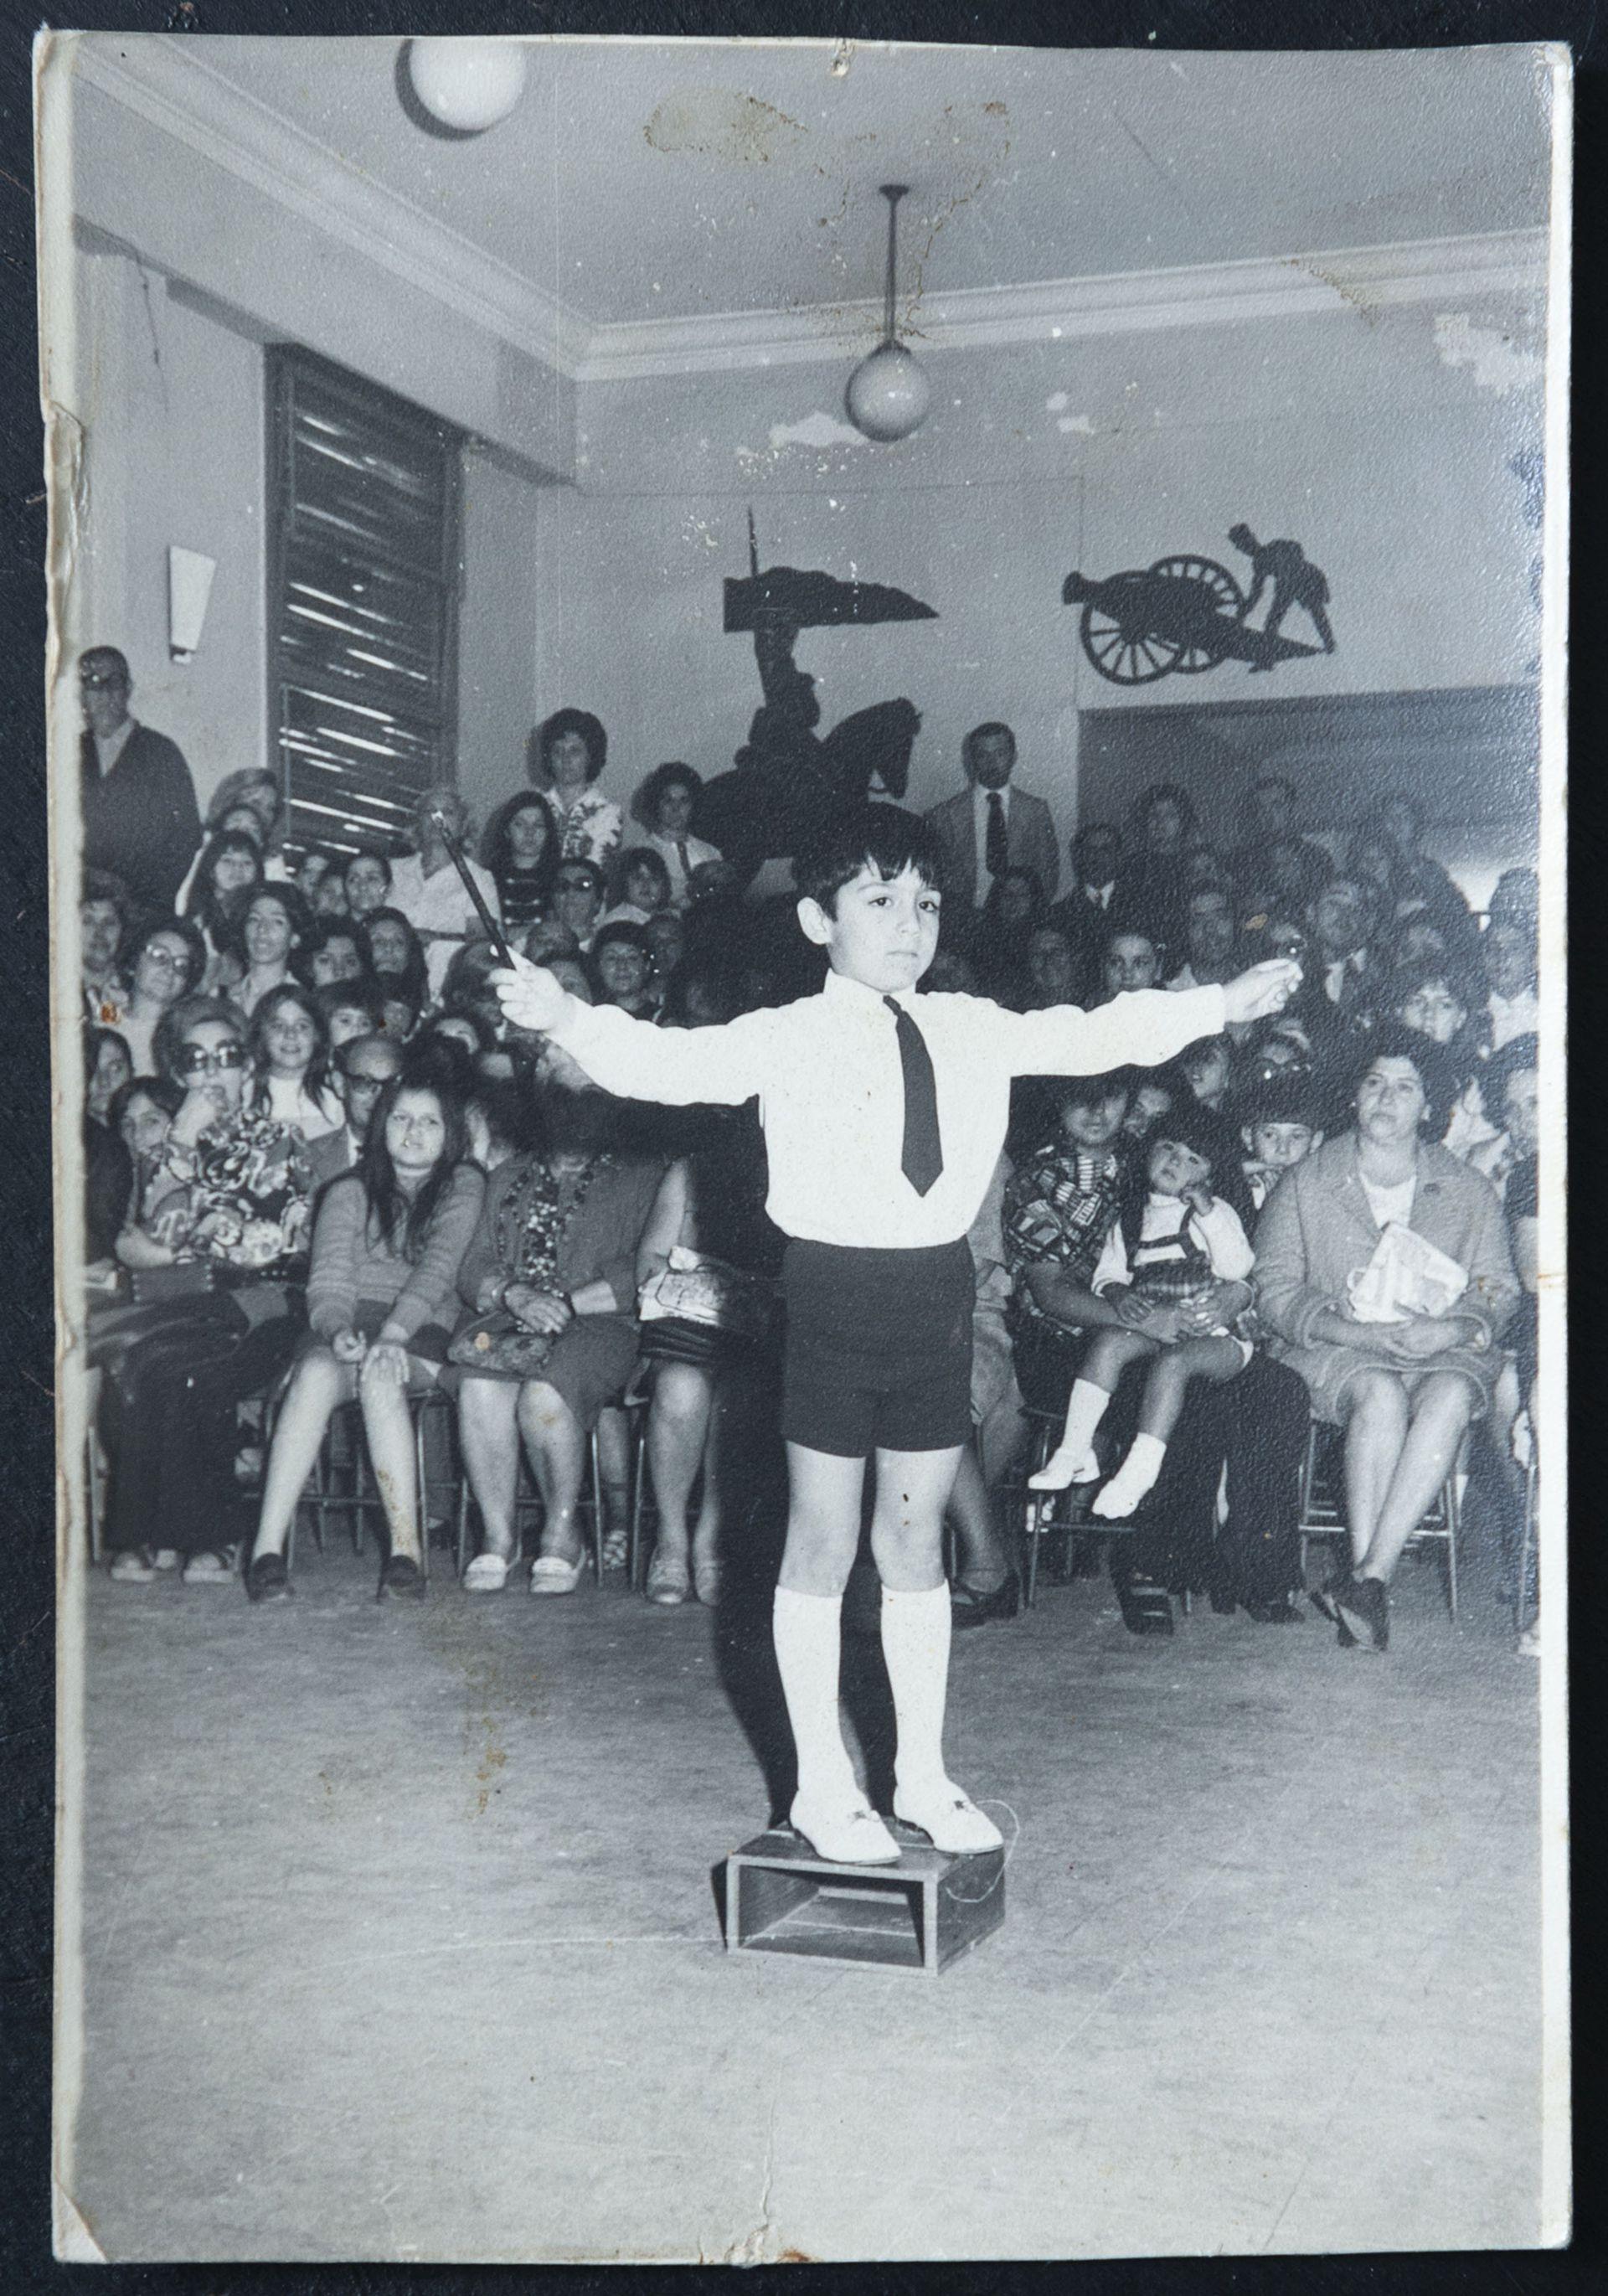 Parase frente a un auditorio y comunicar: una vocación temprana que Hugo Macchiavelli mostraba en la escuela.